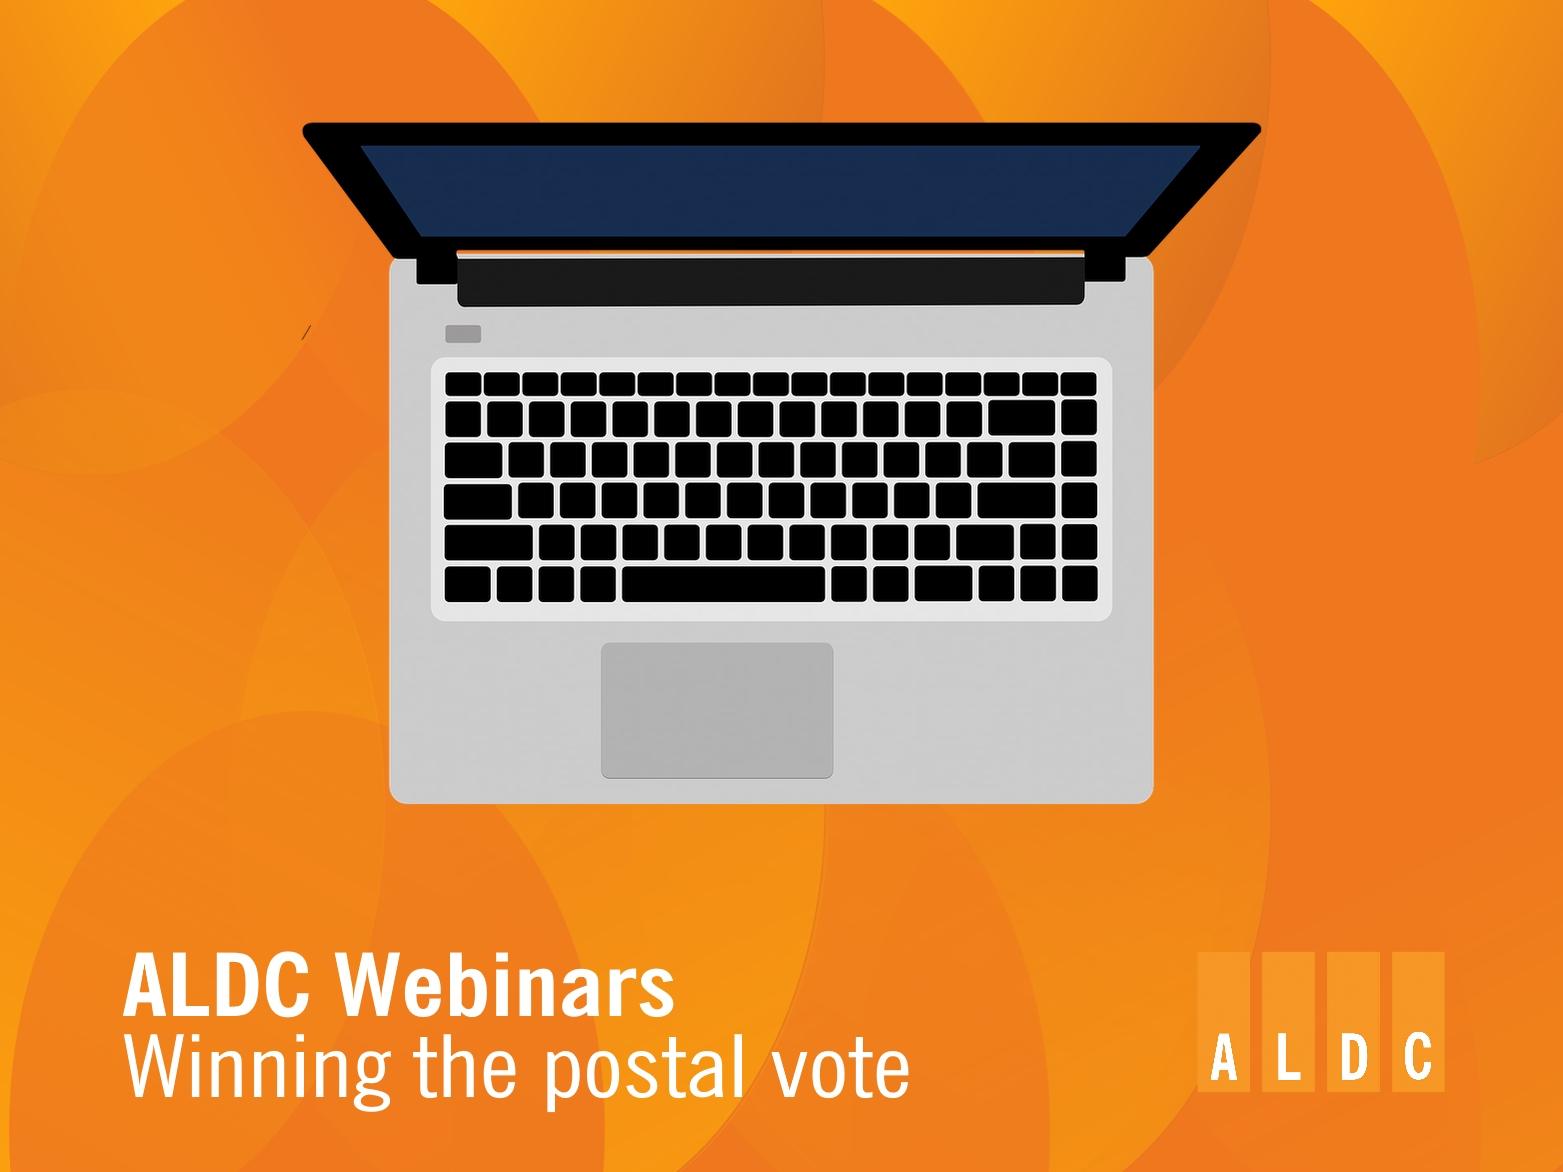 Sign up for ALDC webinars